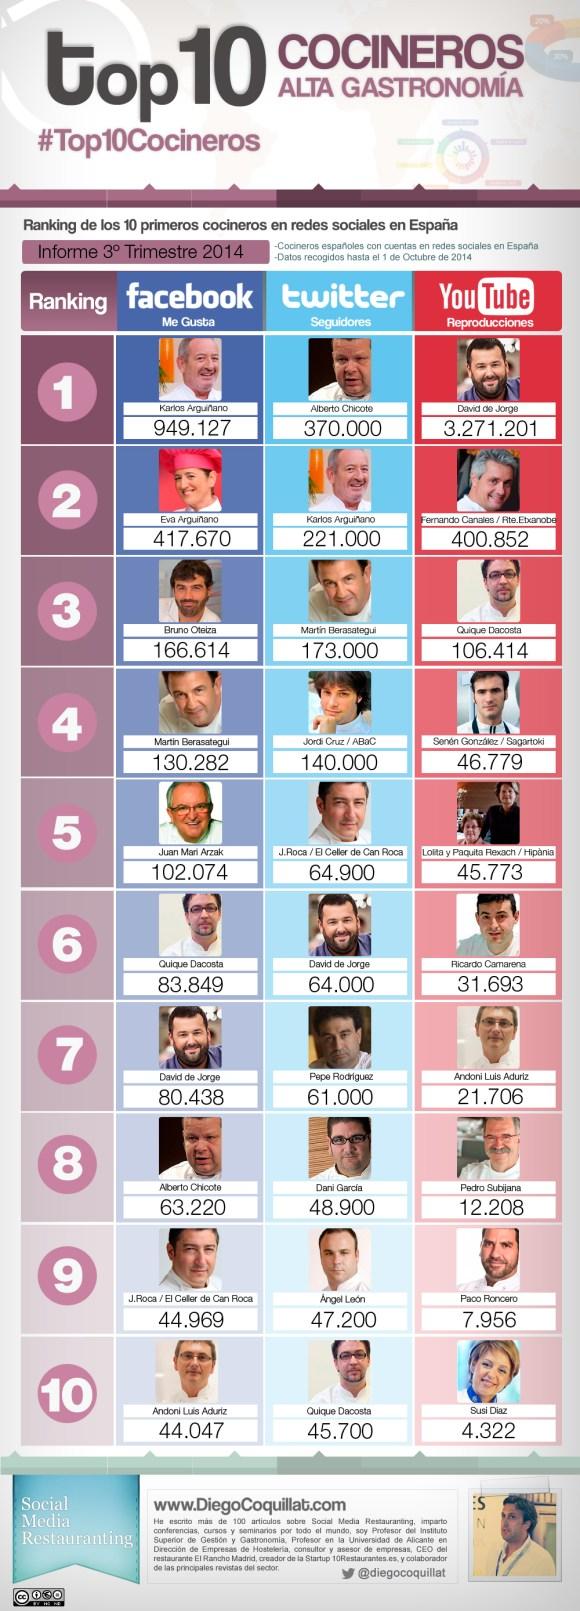 Les meilleurs chefs en Espagne sur les réseaux sociaux au troisième trimestre 2014